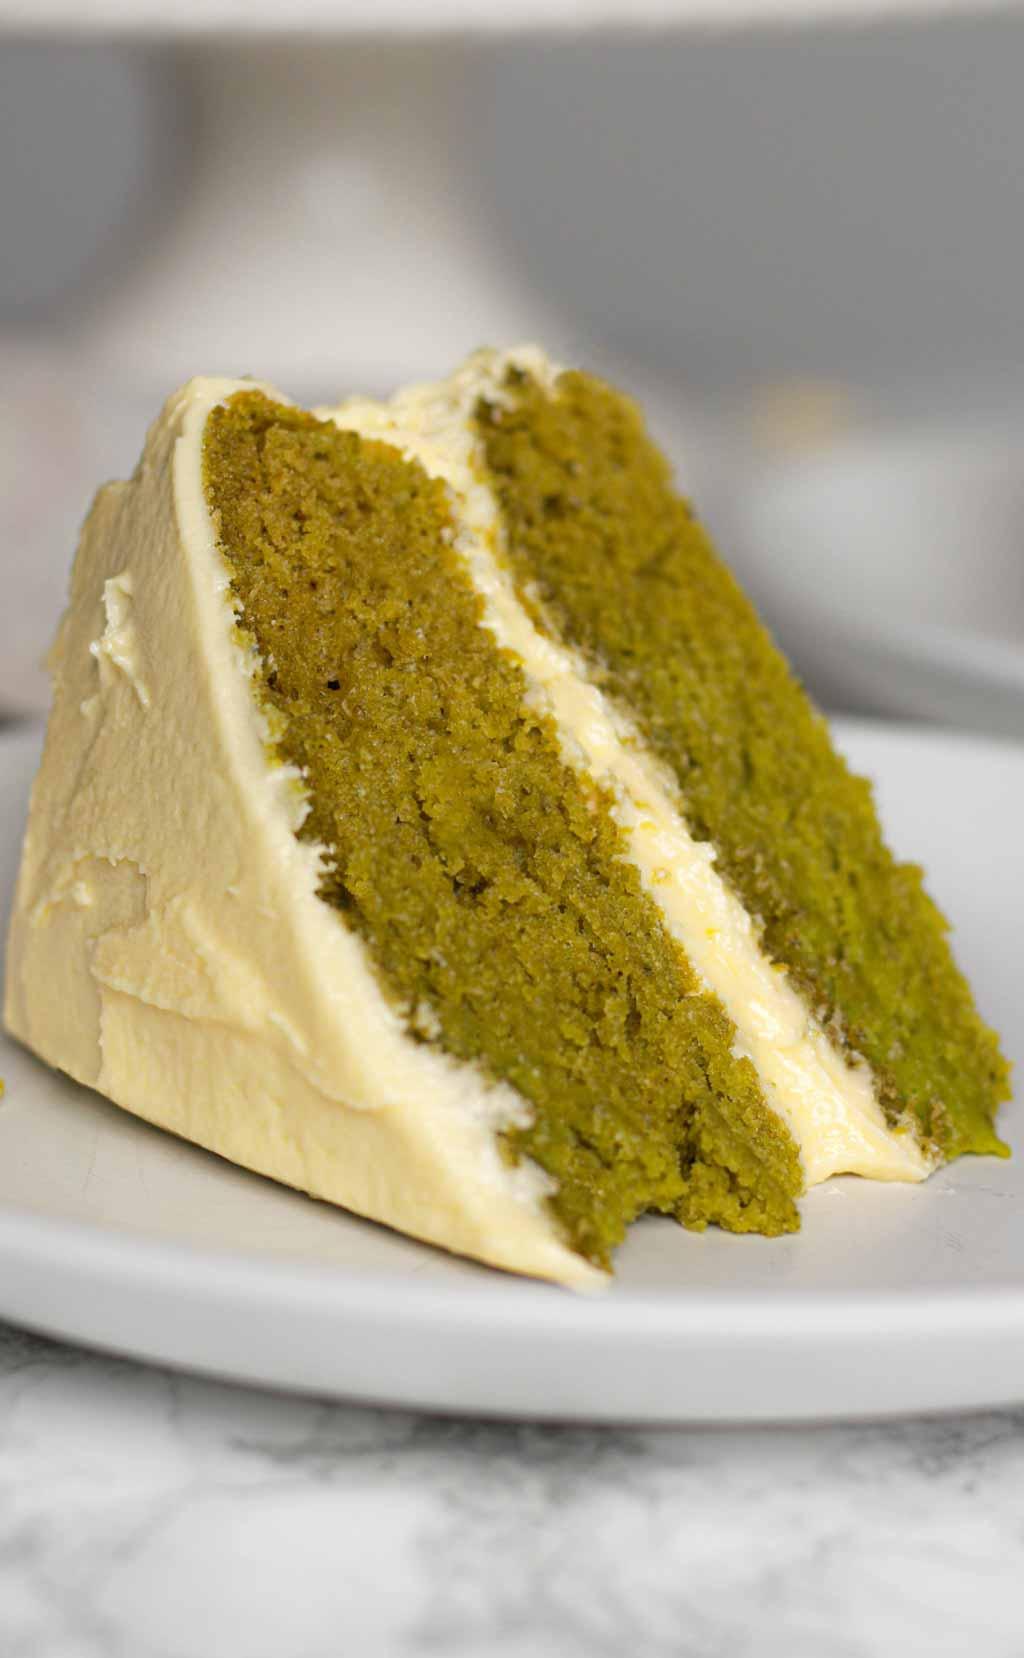 Slice Of Vegan Matcha Cake